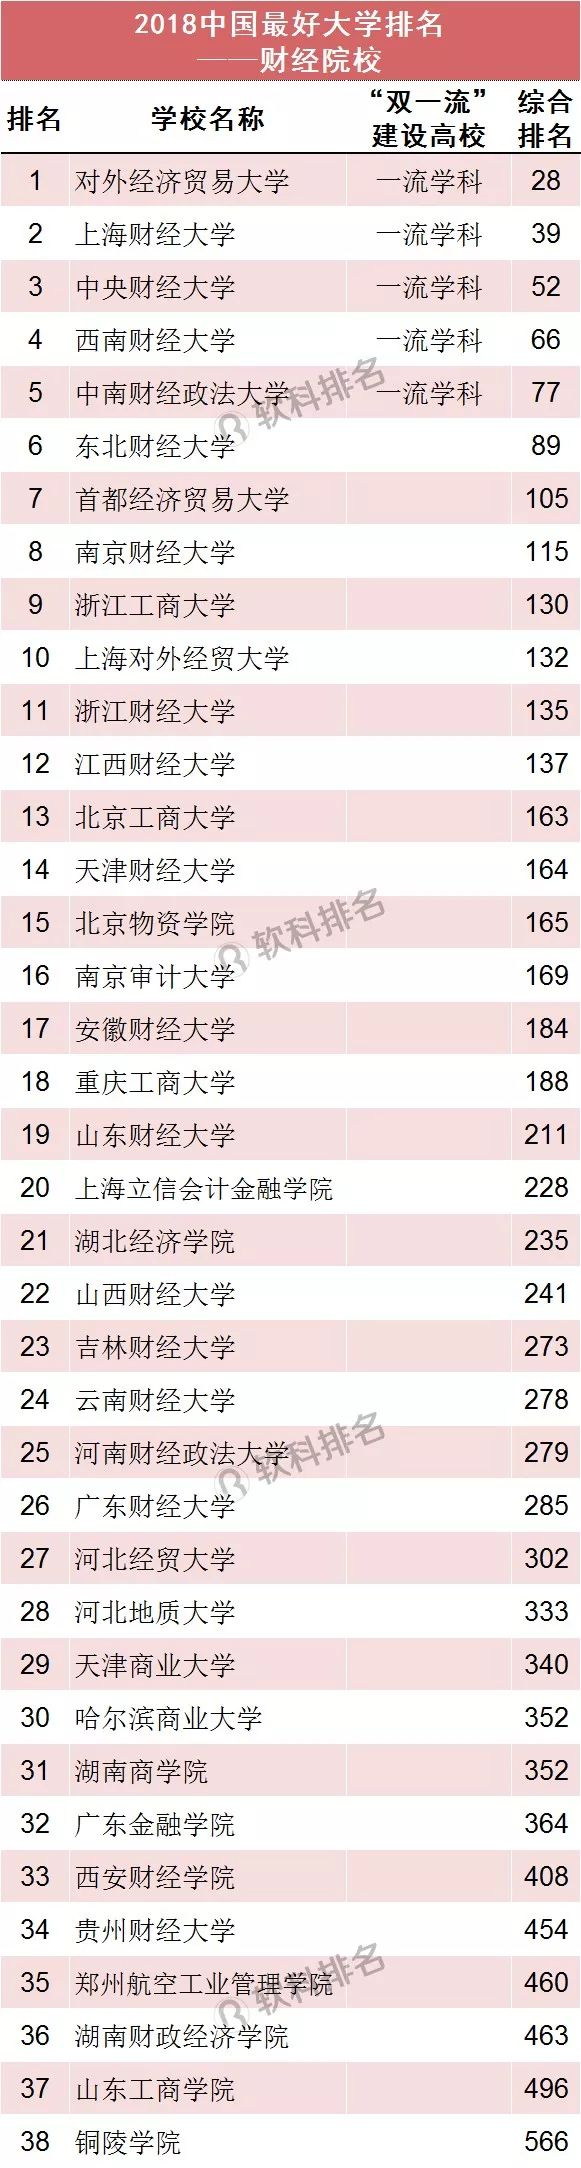 2018中国最好大学排名(财经院校)